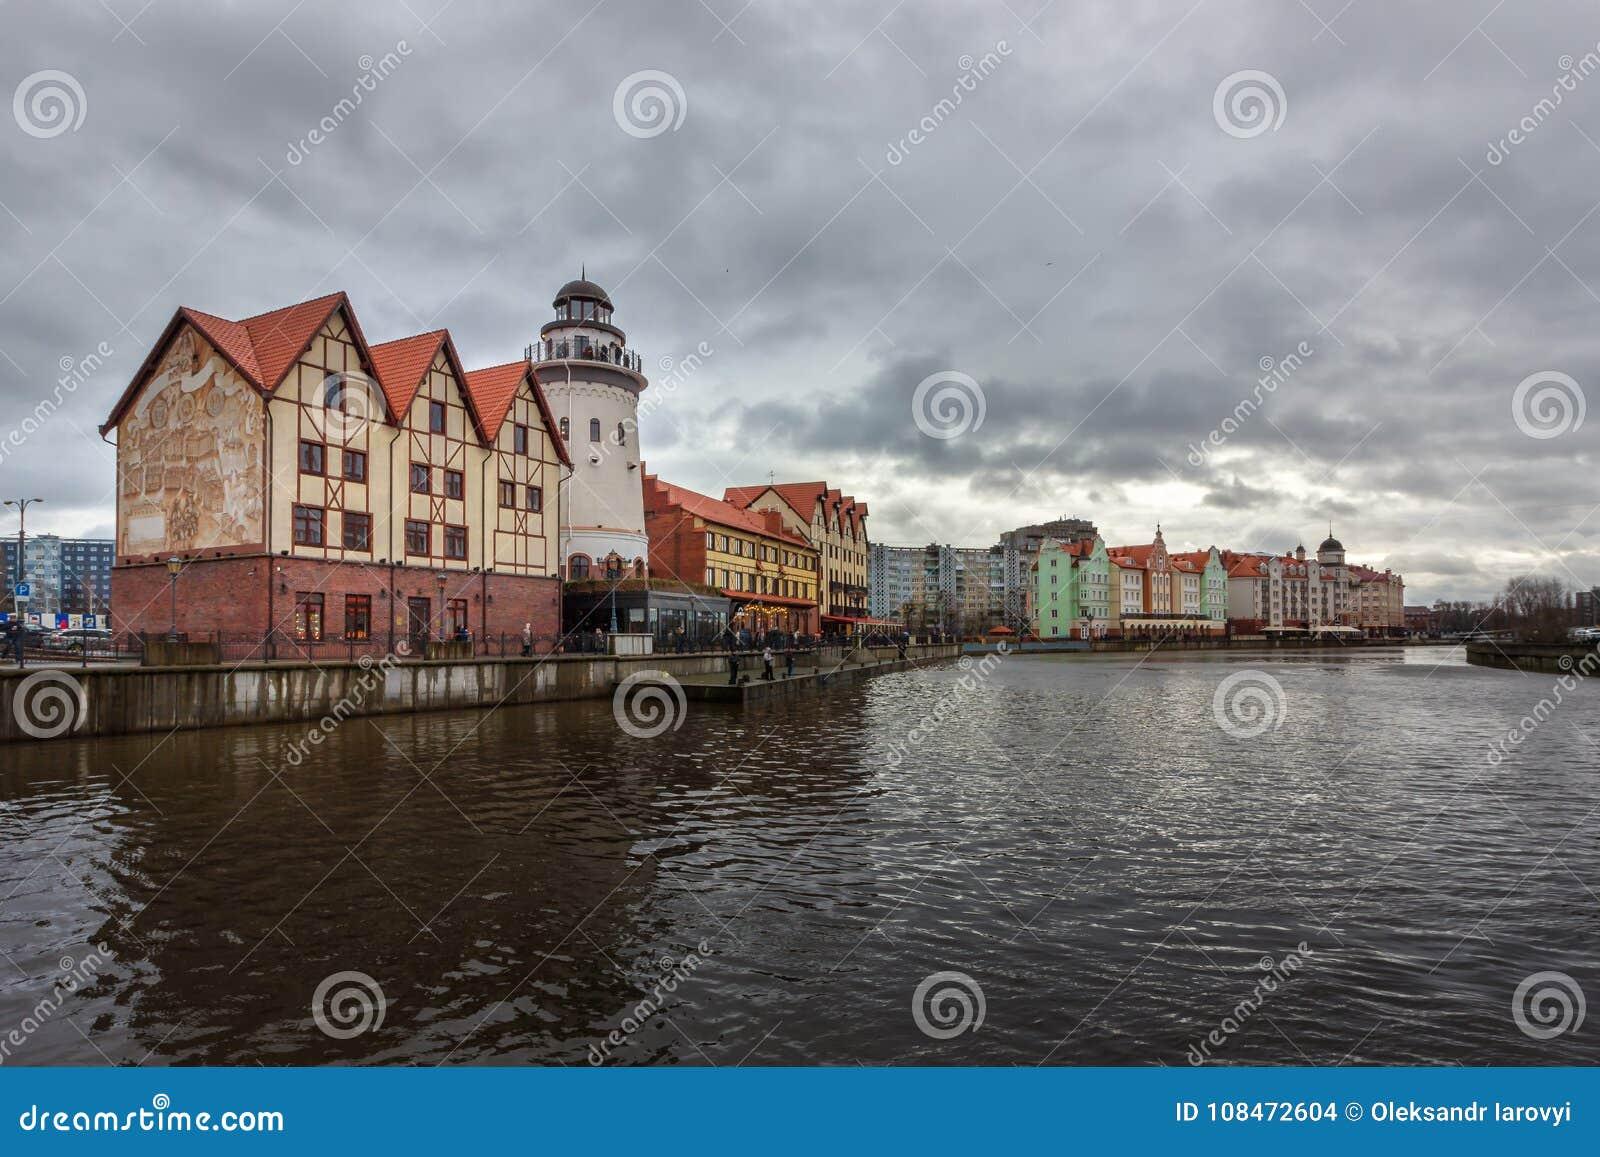 Kaliningrad, federacja rosyjska - Styczeń 4, 2018: Rybołówstwo wioska na Pregolya rzece